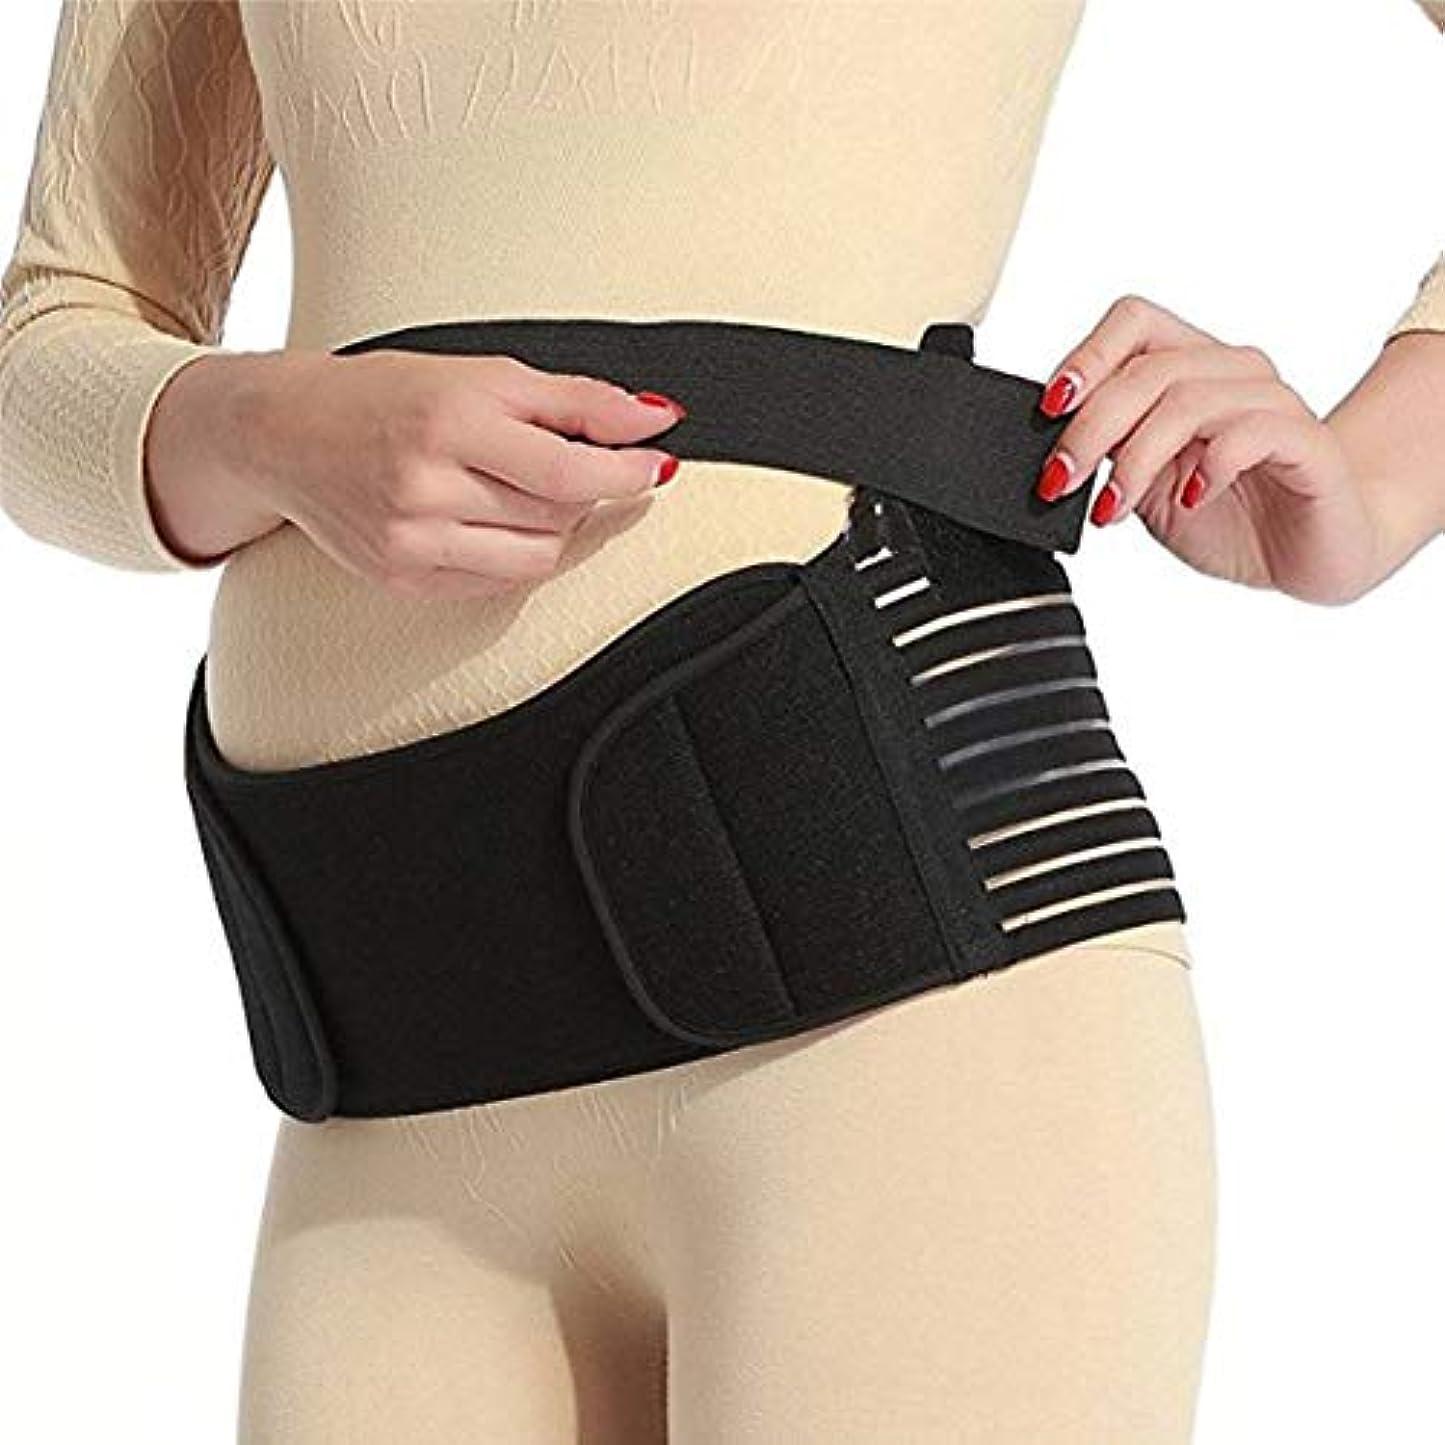 規則性スクレーパー寄付通気性マタニティベルト妊娠中の腹部サポート腹部バインダーガードル運動包帯産後の回復shapewear - ブラックM